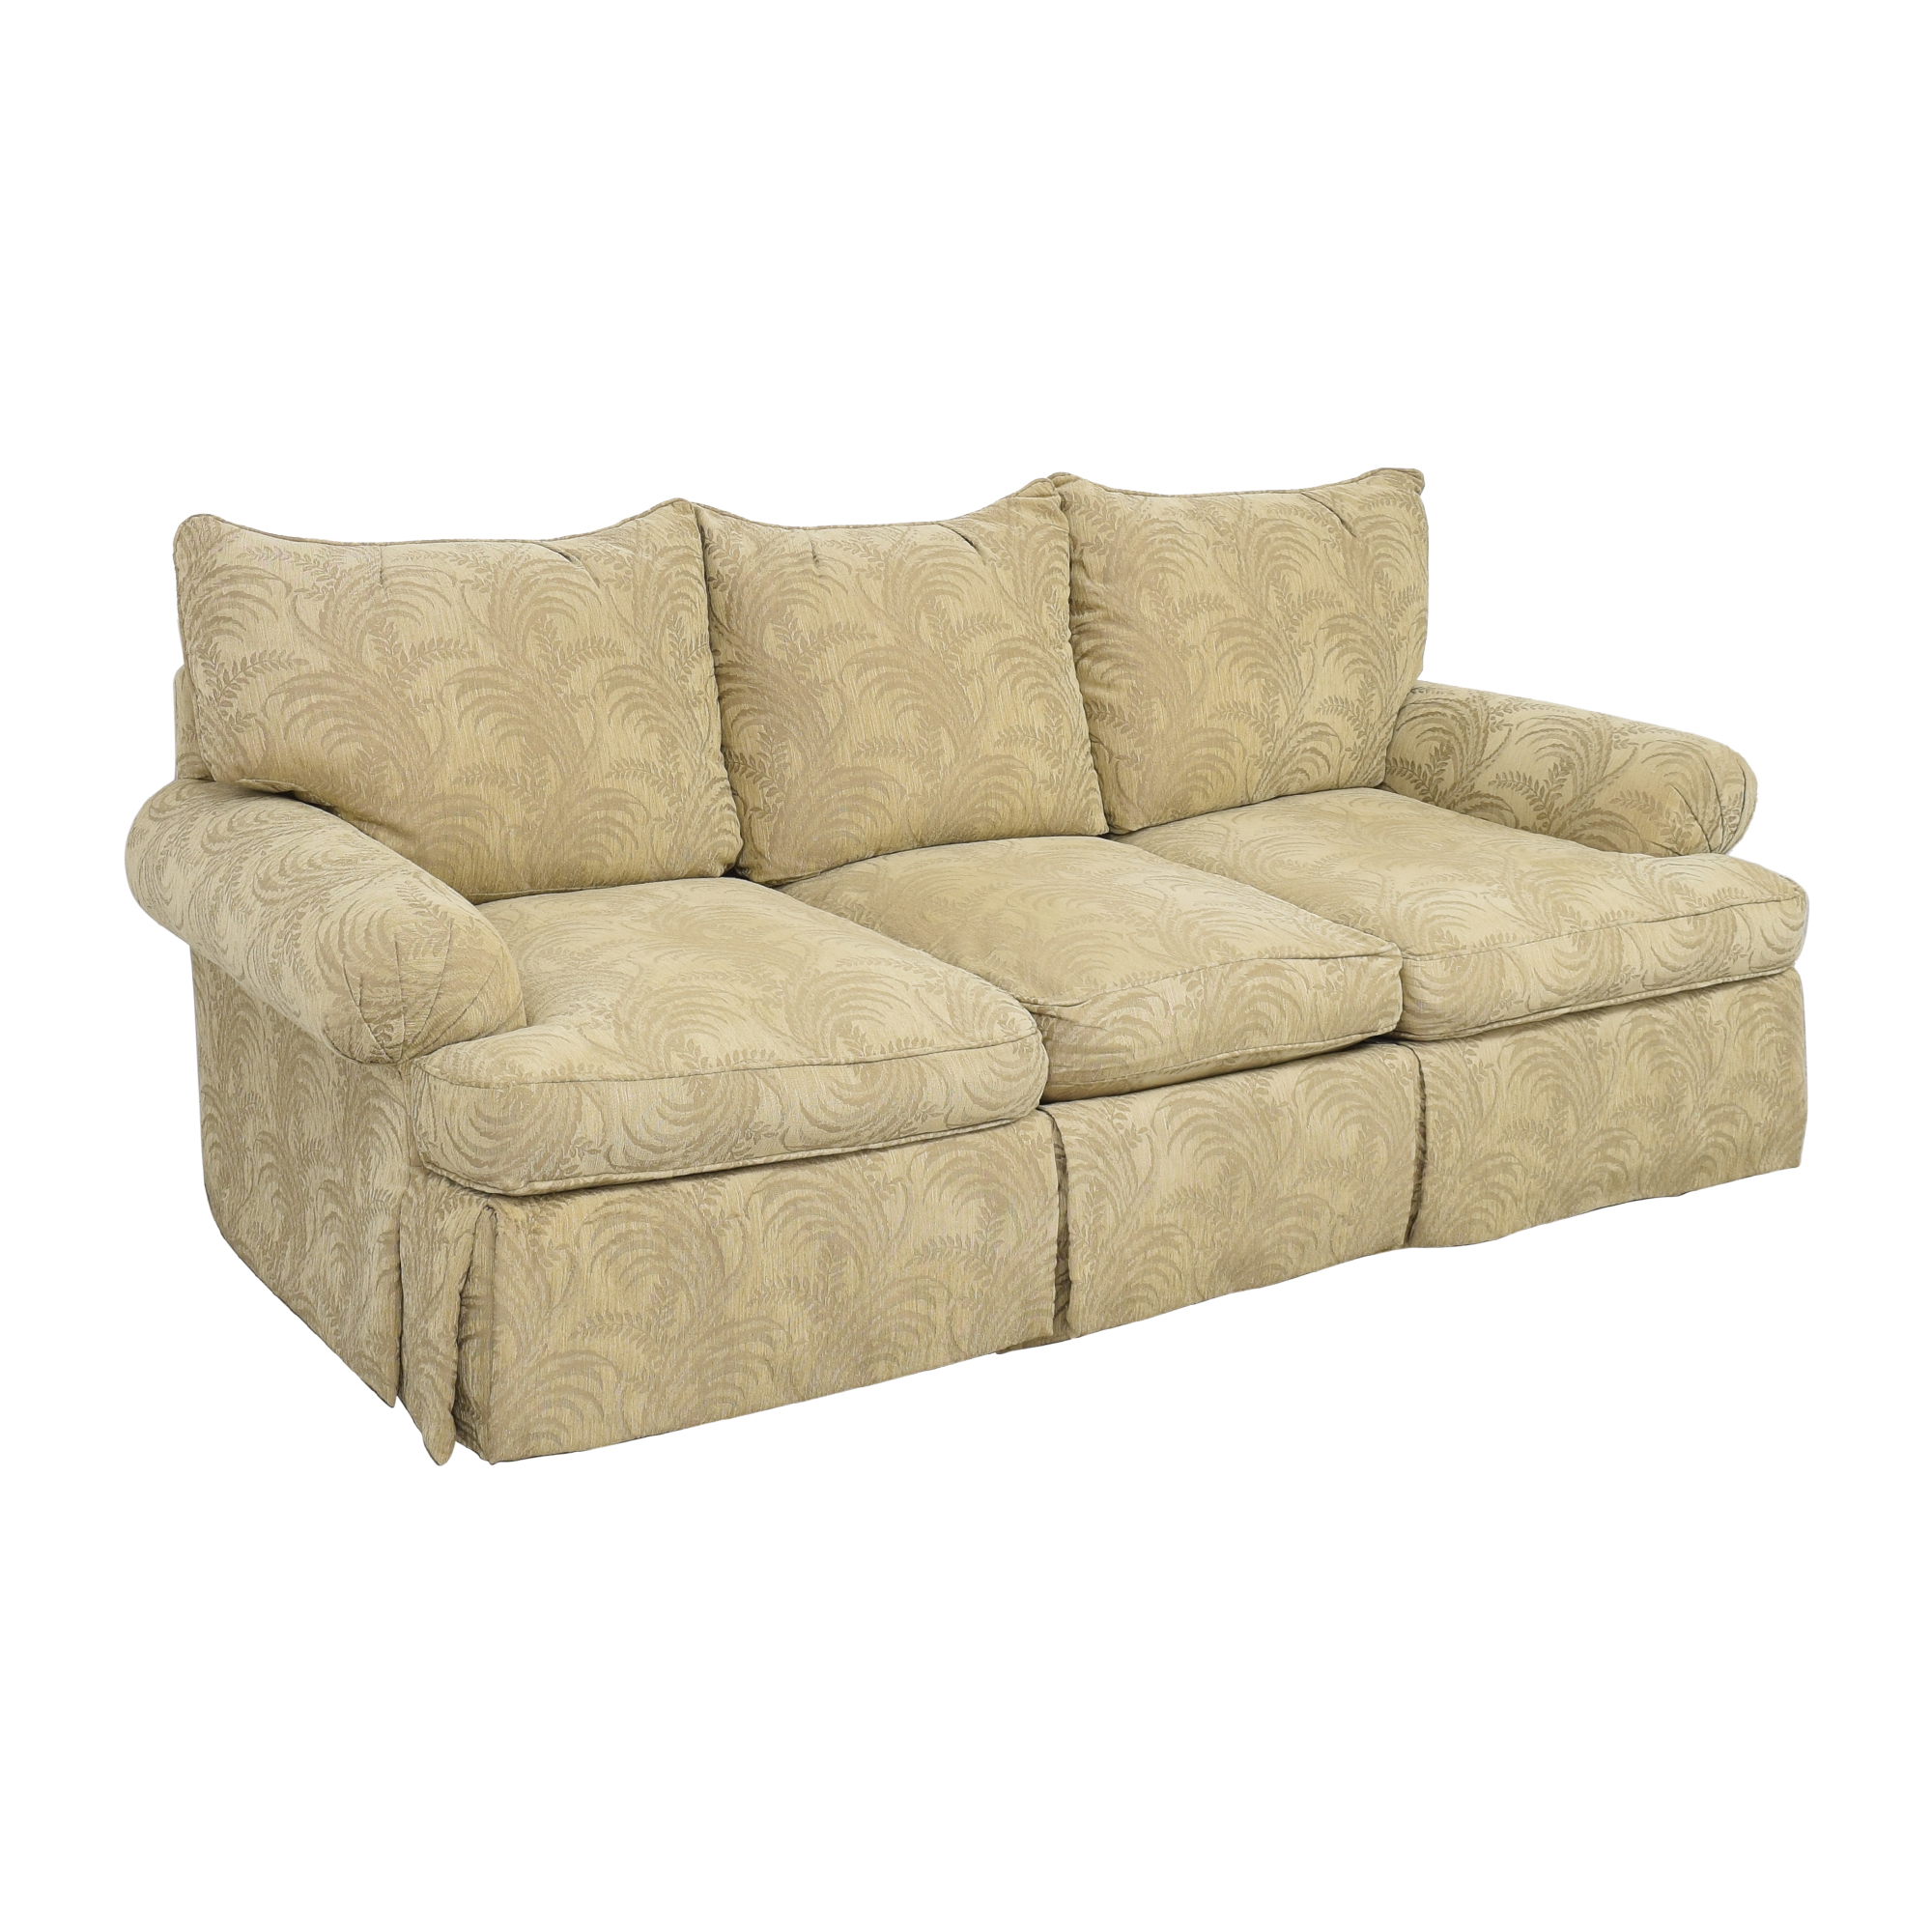 shop Bernhardt Bernhardt Roll Arm Three Cushion Sofa online